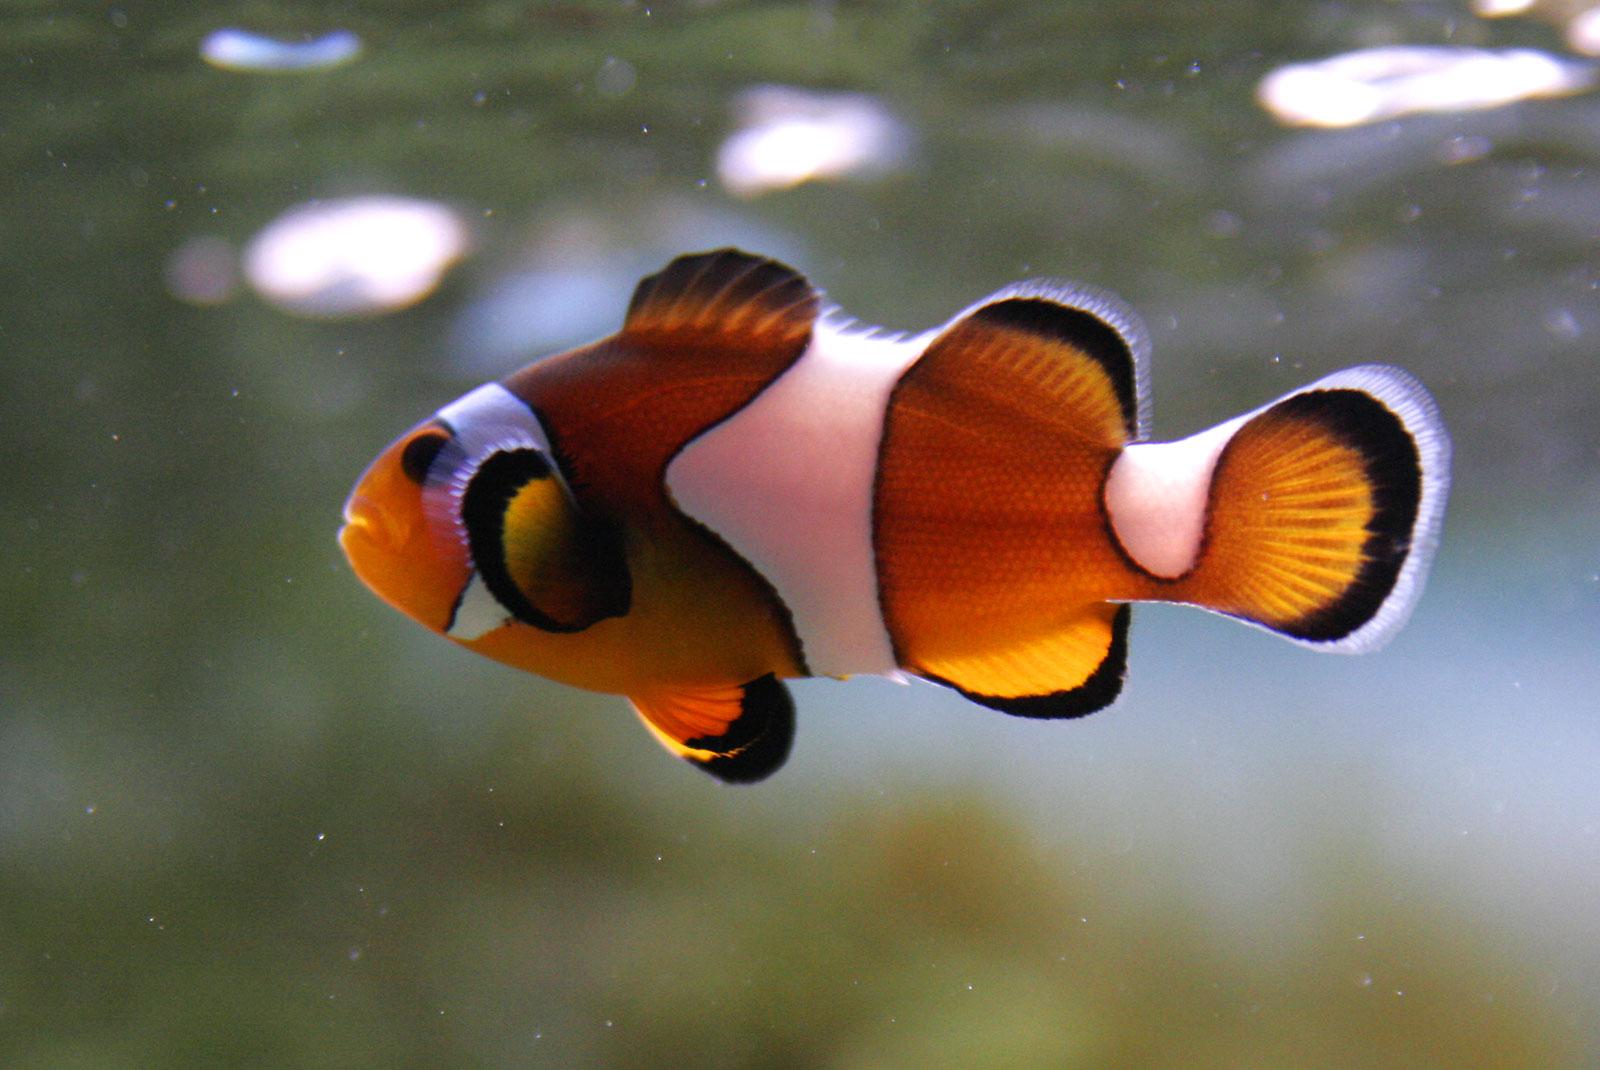 Plentyoffishcom  Plenty of fish Online Dating